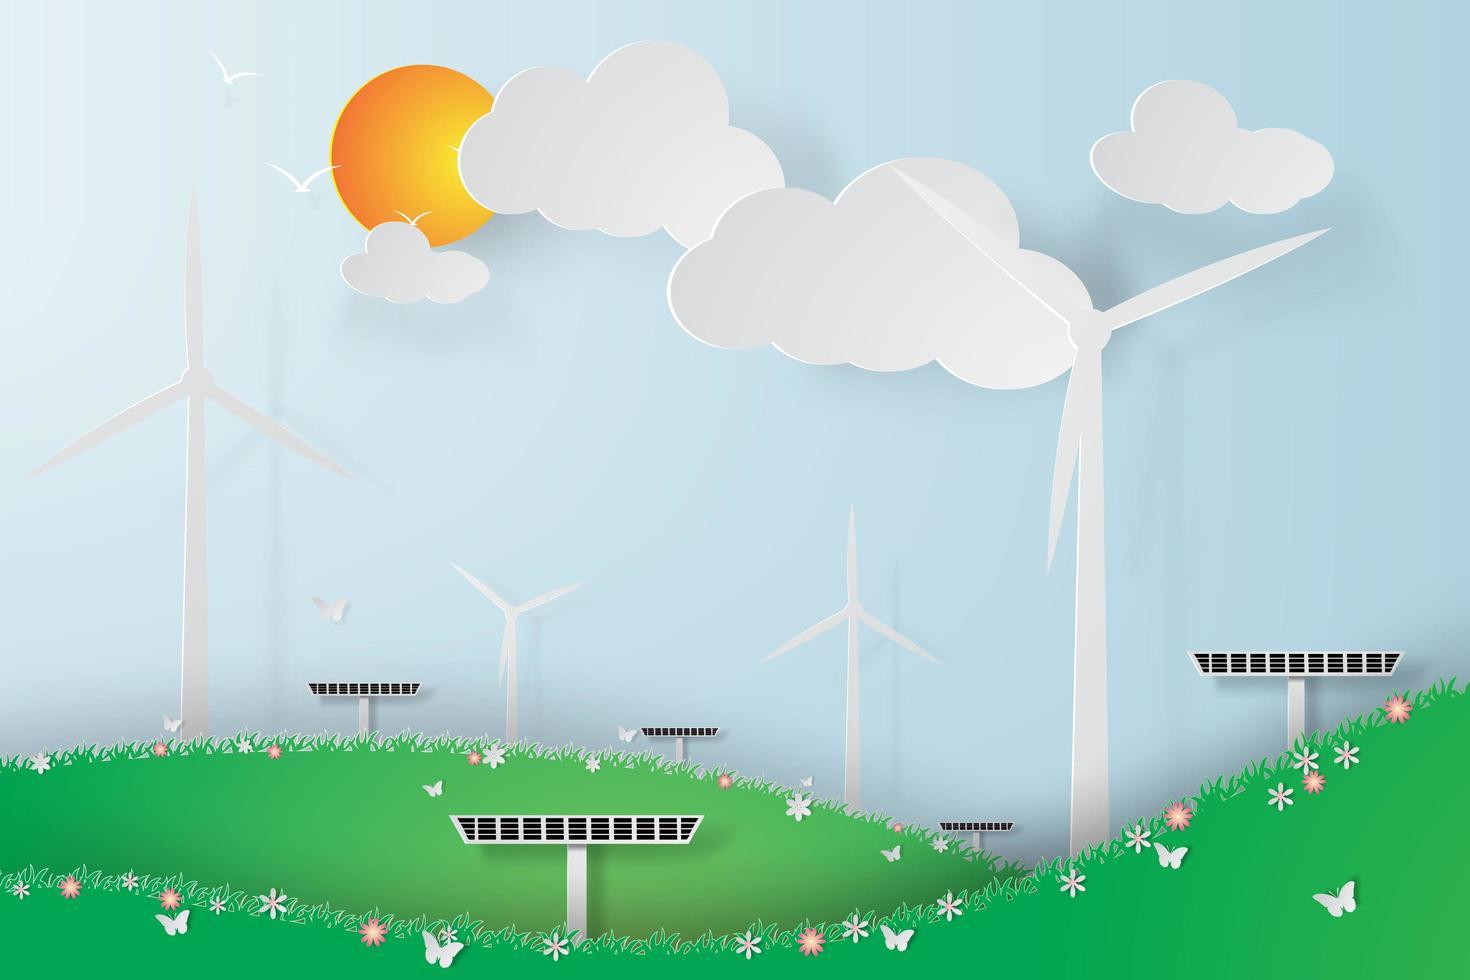 panneaux d'énergie solaire éolienne verte vecteur